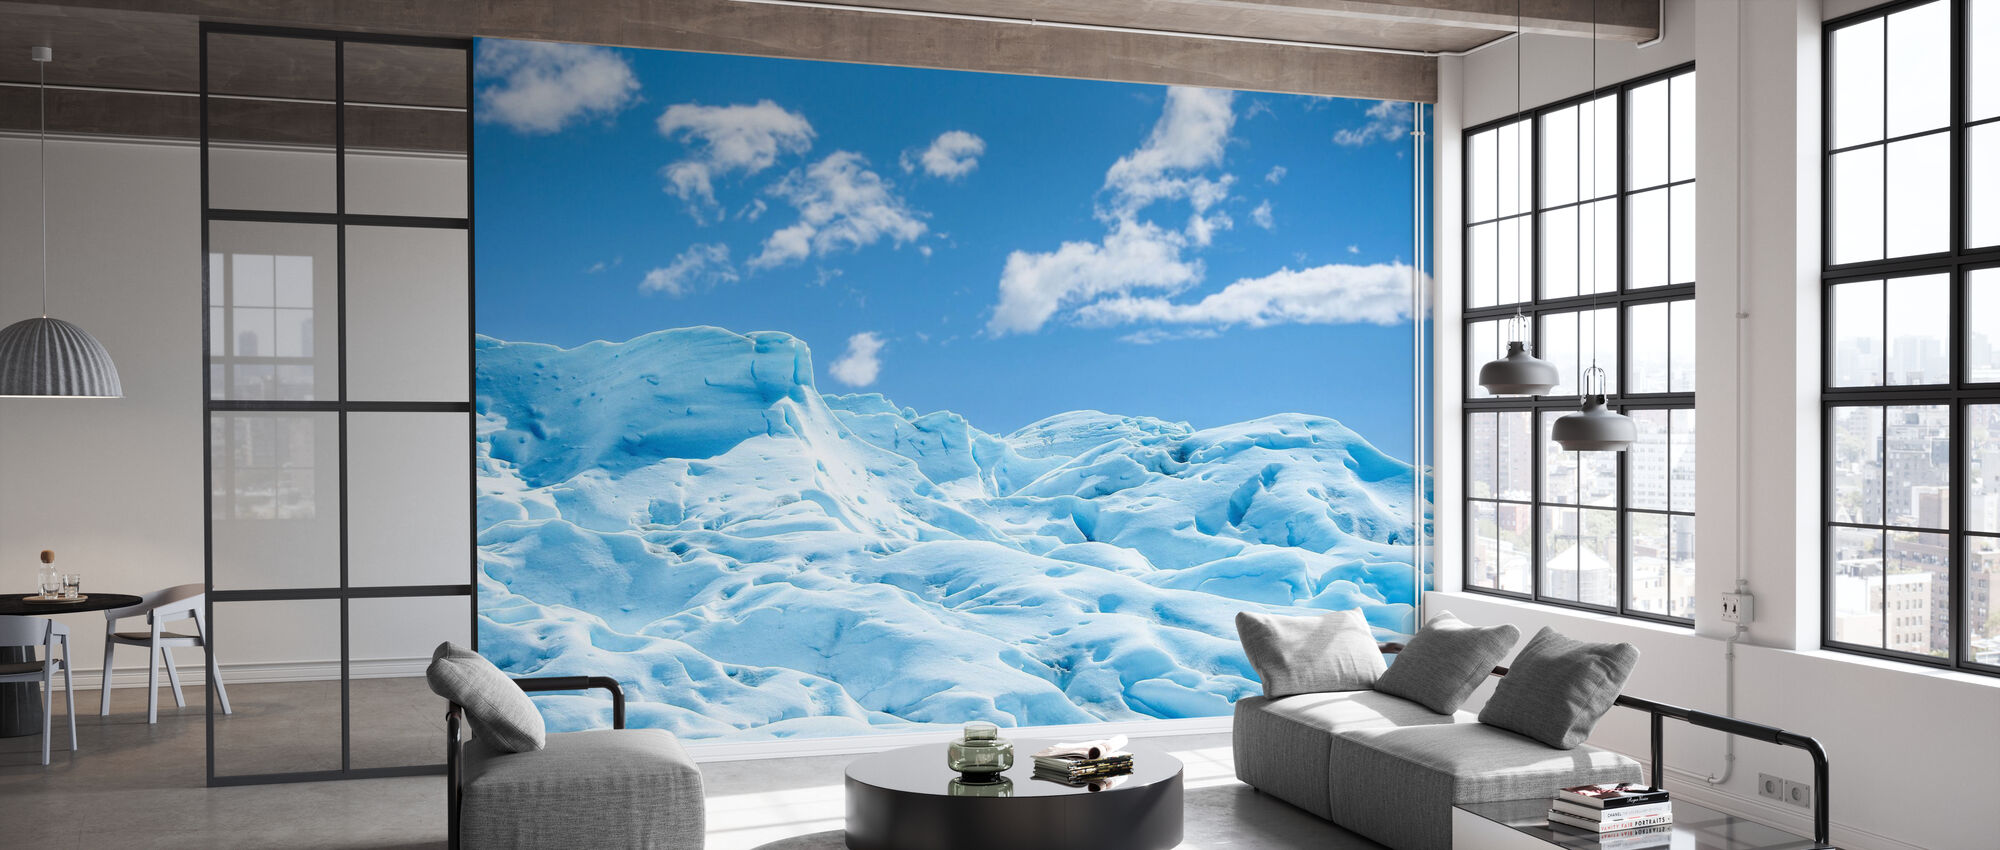 Bevroren grond - Behang - Kantoor